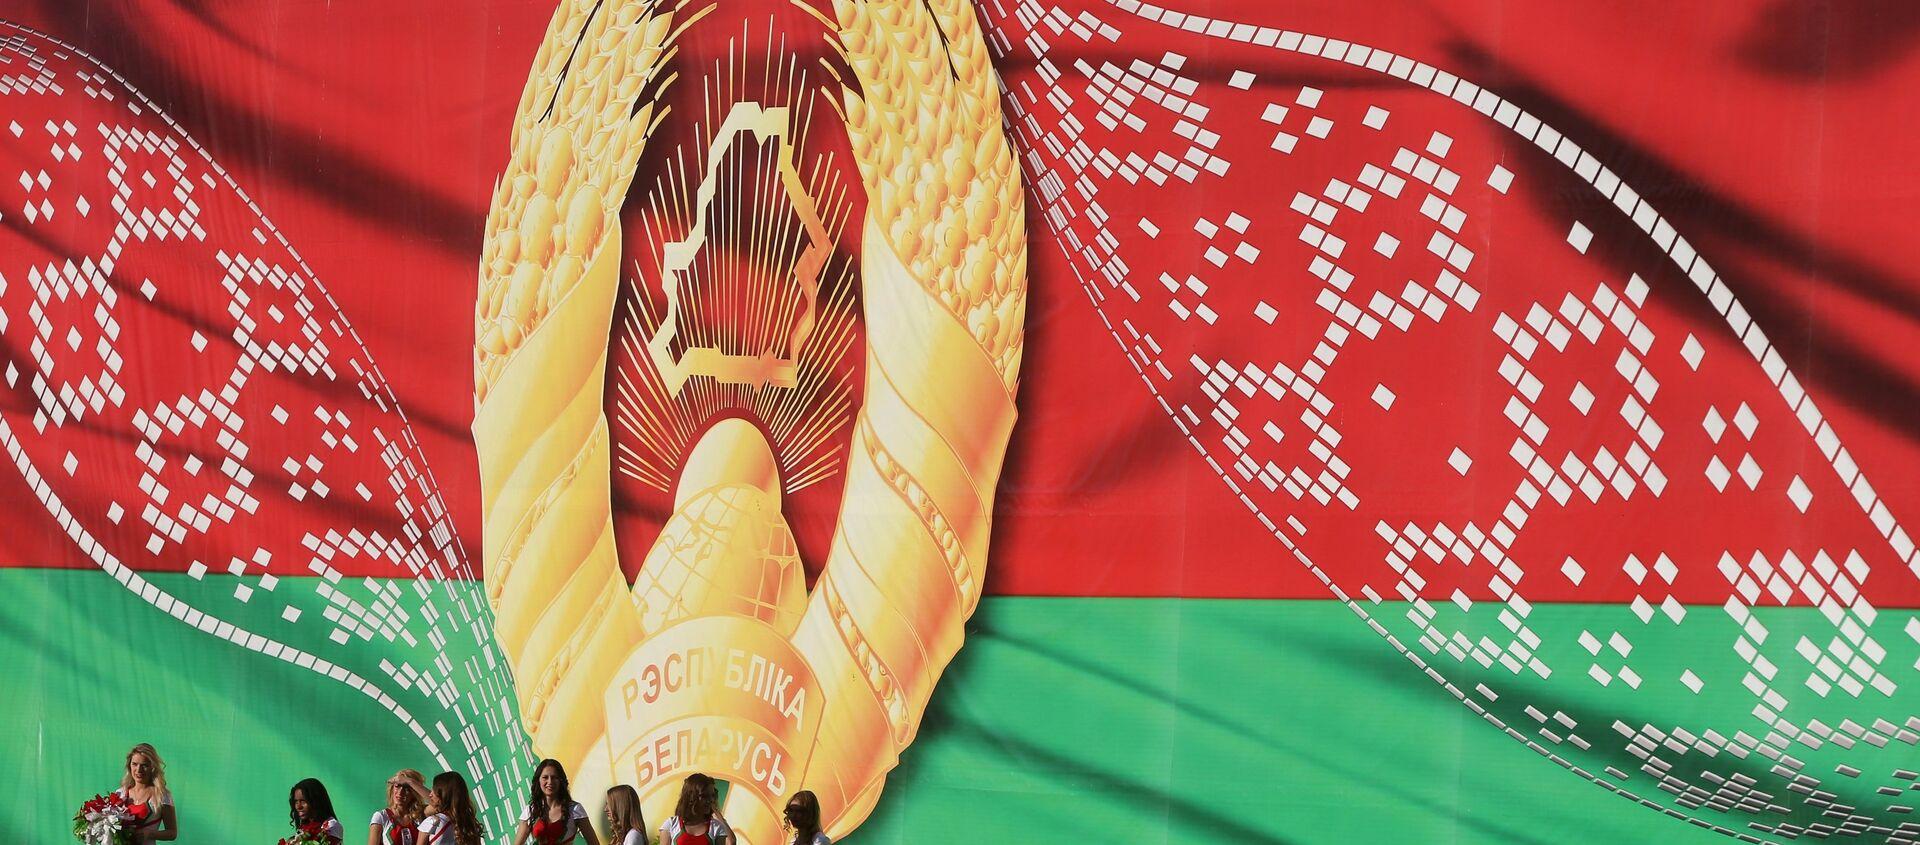 Празднование Дня Независимости в Минске - Sputnik Беларусь, 1920, 07.01.2021